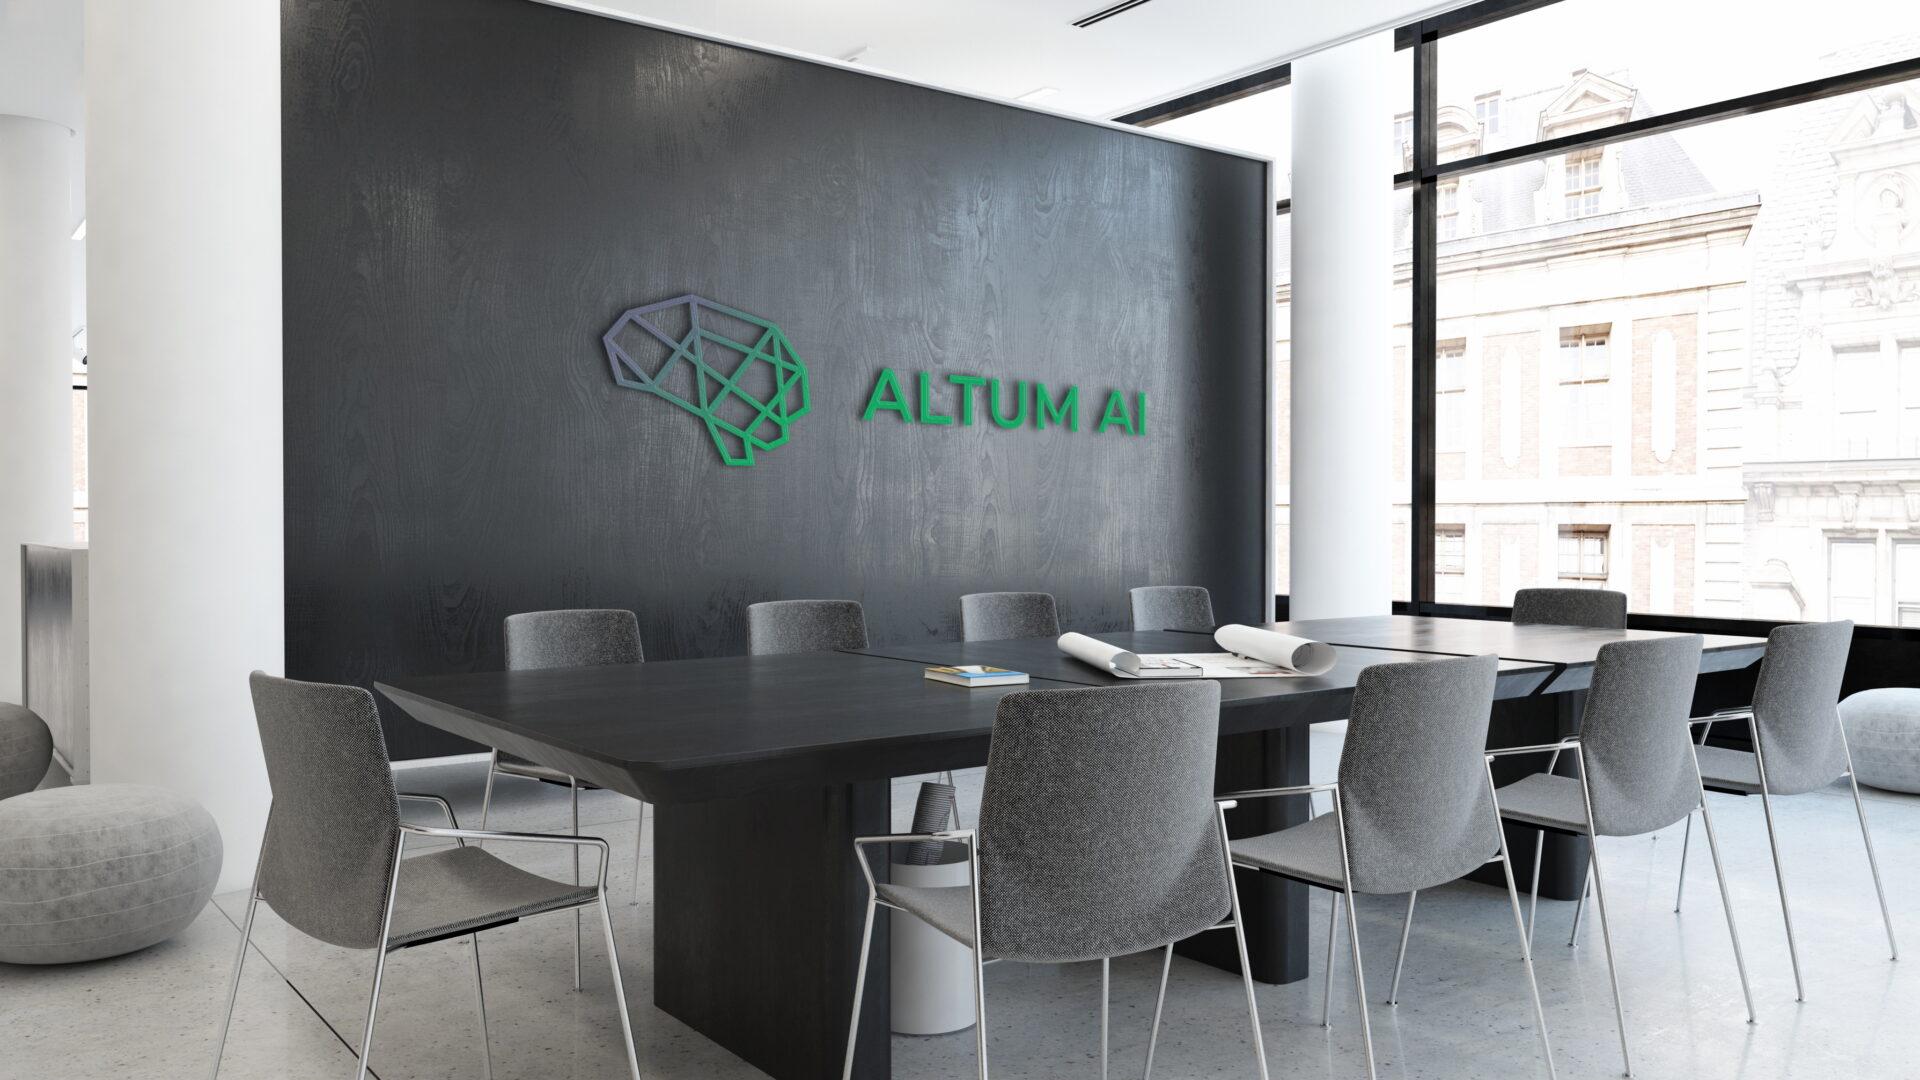 Over Altum AI - Altum AI